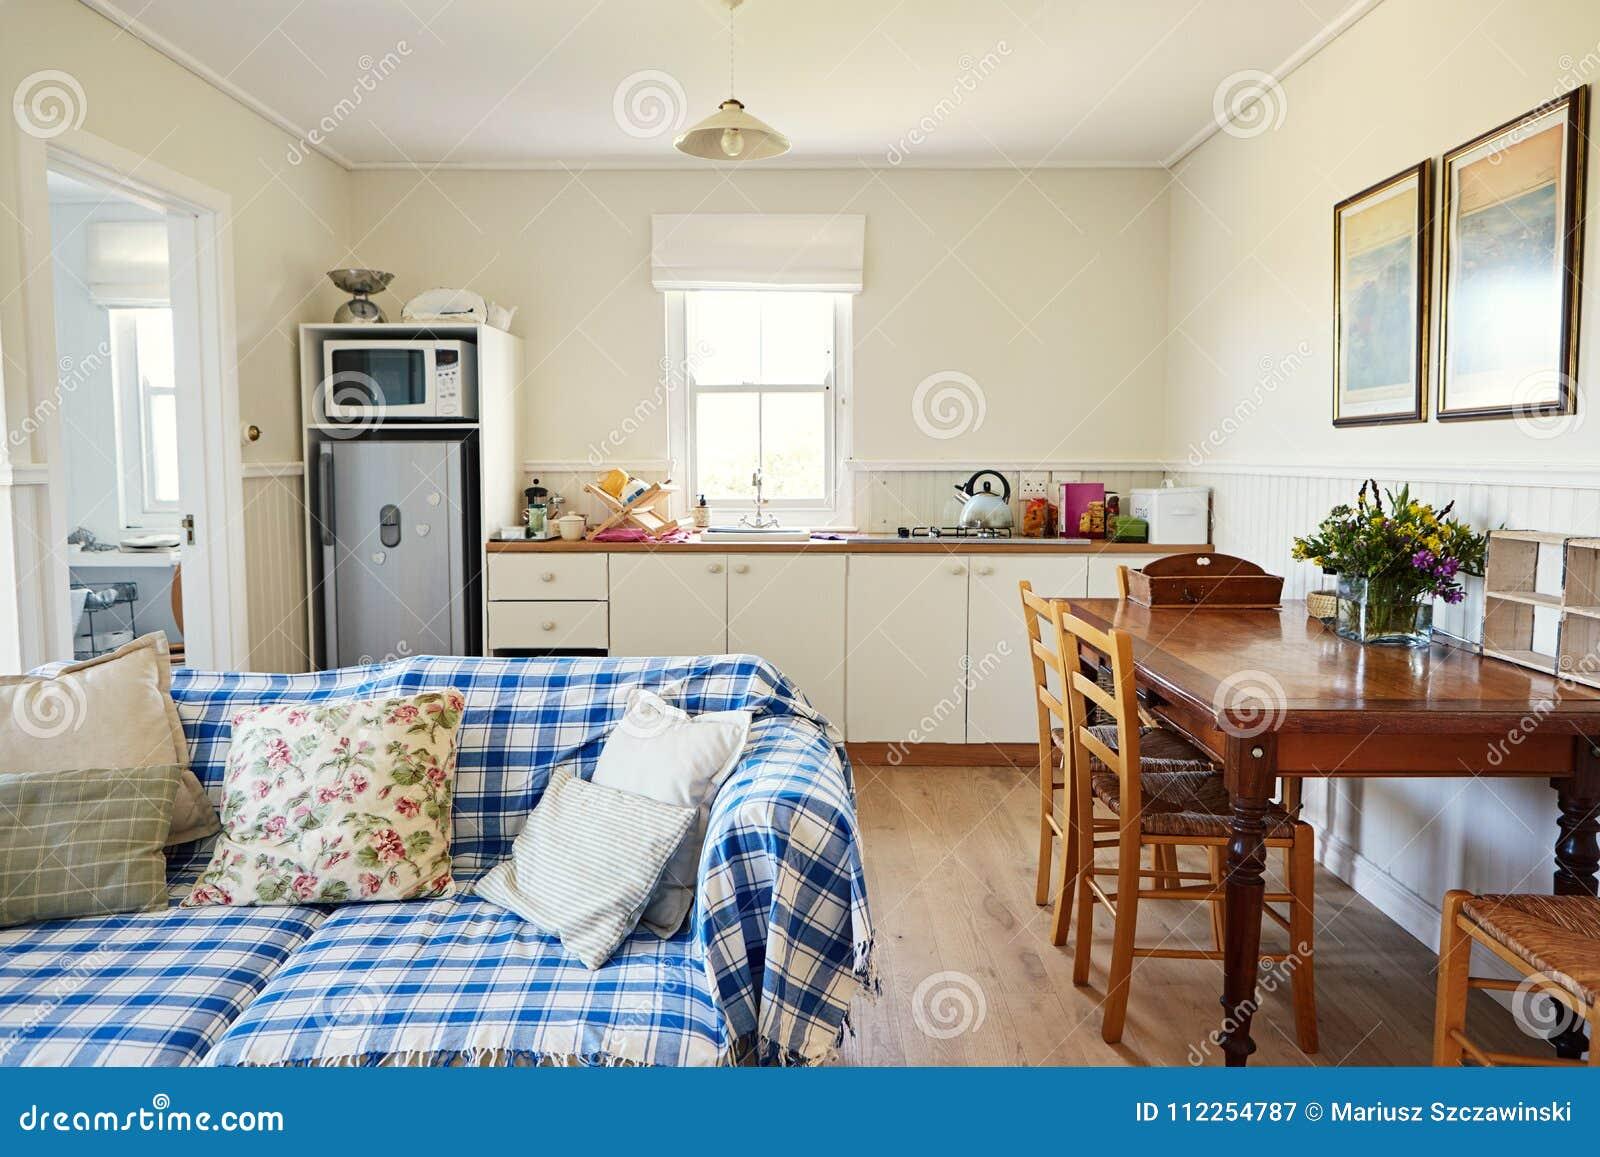 Woonkamer Keuken Kleine : Woonkamer en keuken in een klein huis van het land stock